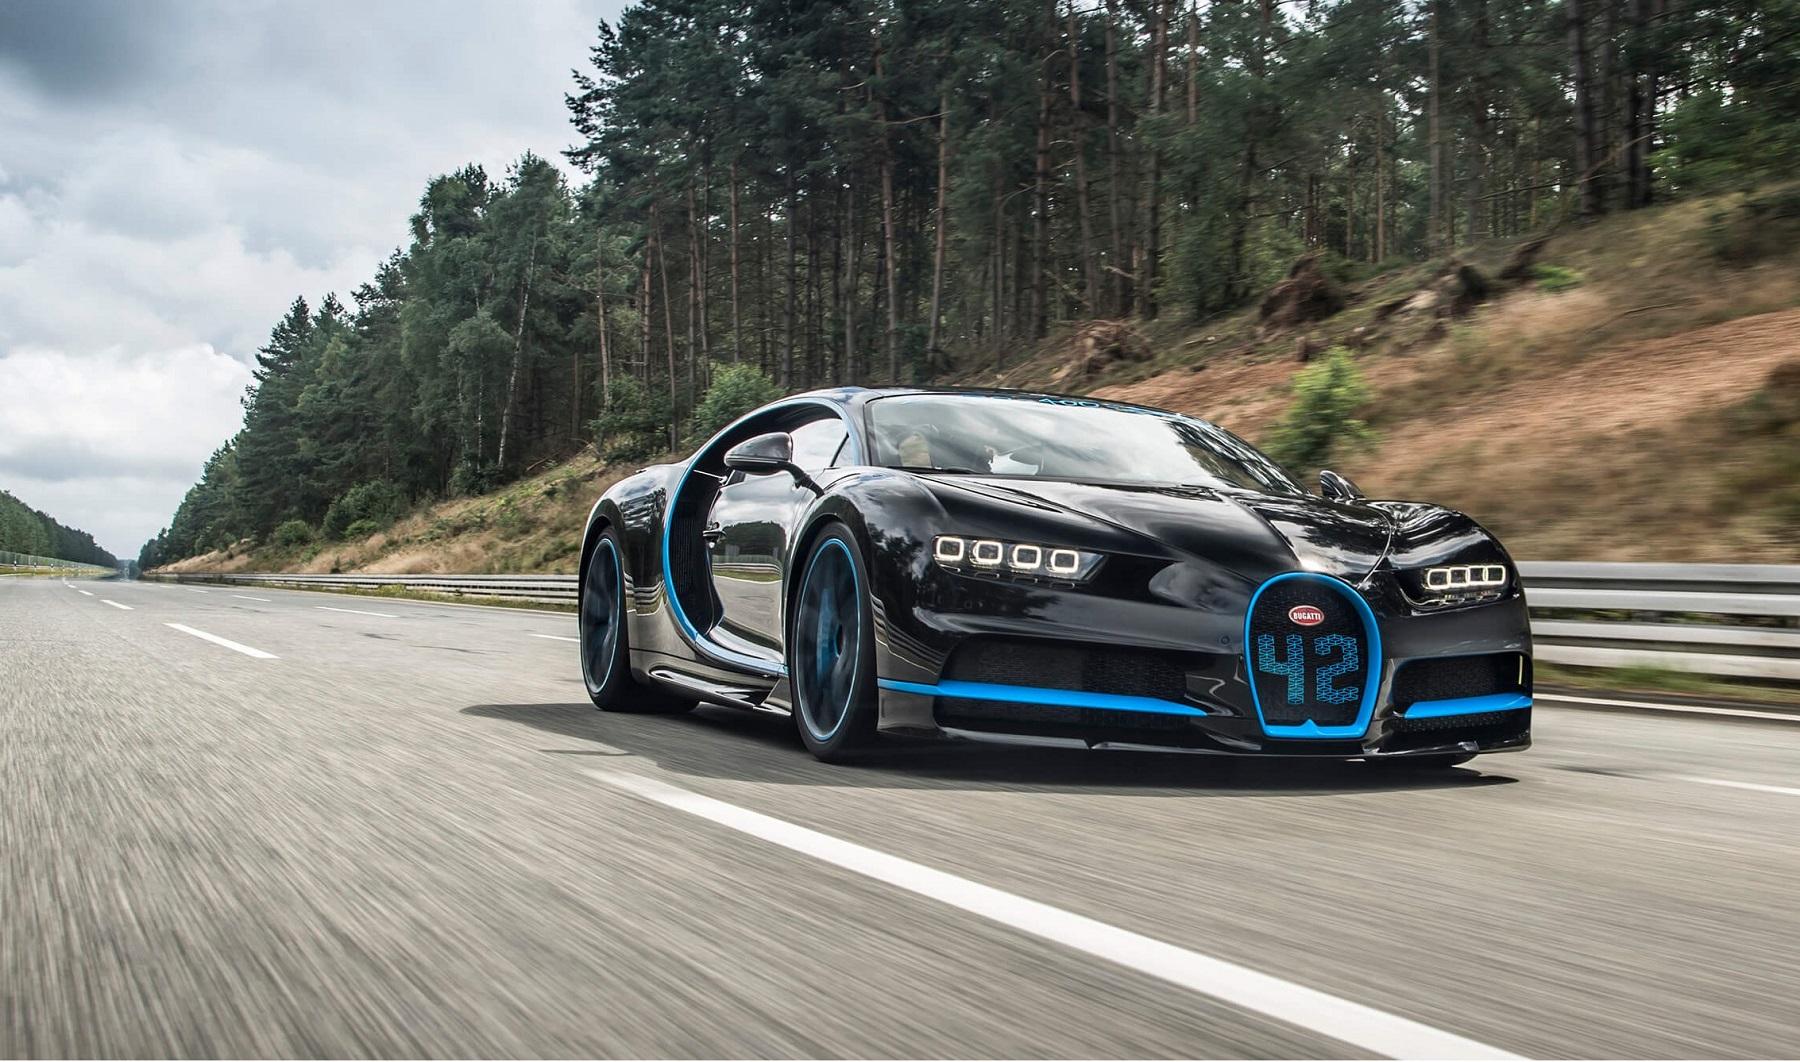 bugatti chiron y el video de su incre ble r cord 0 400 0 km h autos y moda m xico. Black Bedroom Furniture Sets. Home Design Ideas